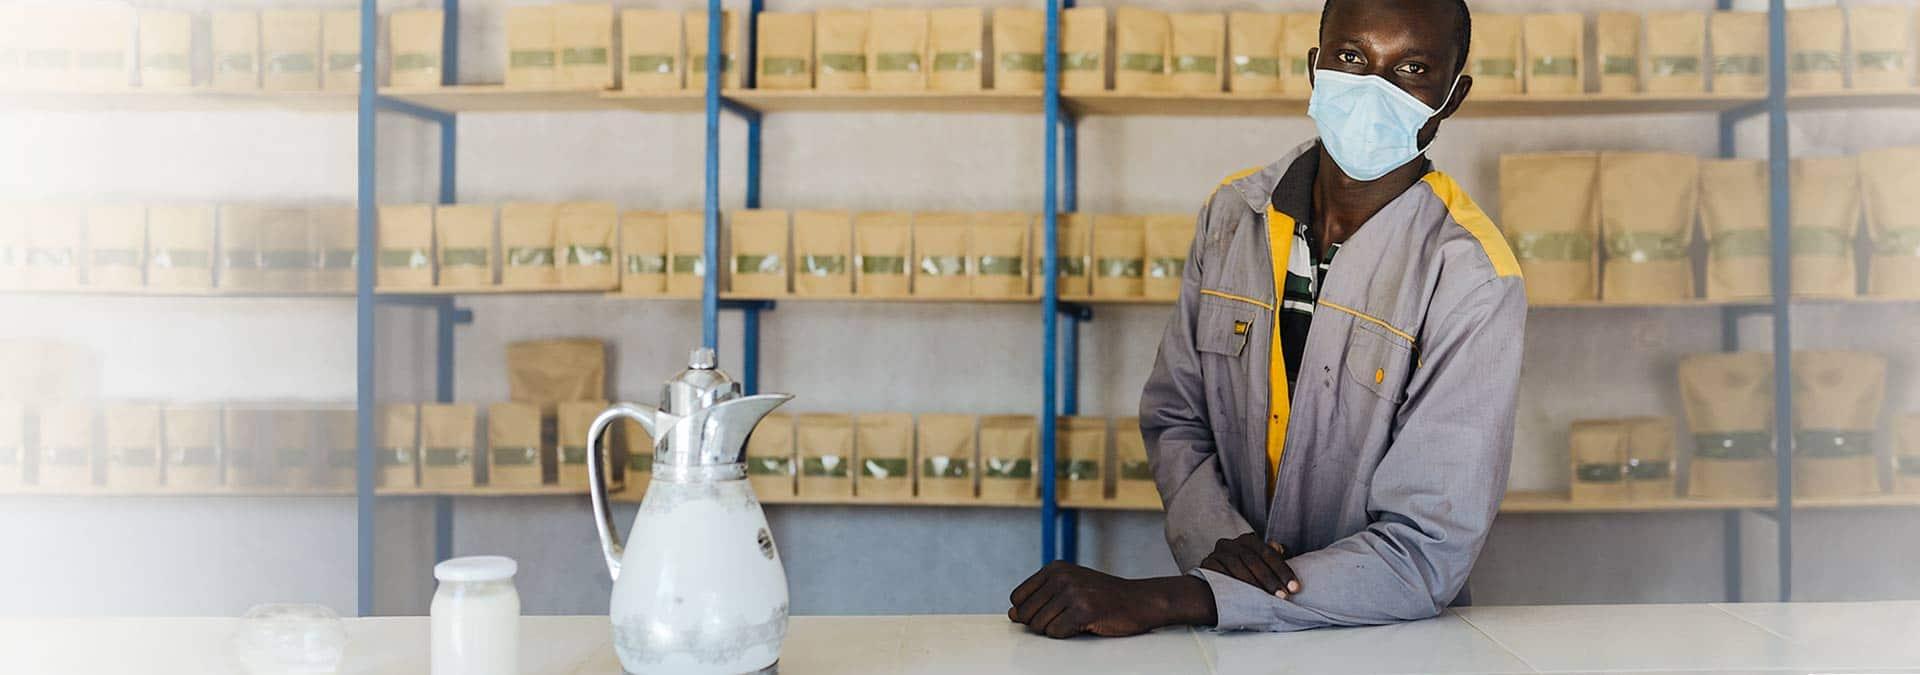 Birima, Food for Life Teilnehmer aus dem Senegal bedient Kunden in seinem Lebensmittel-Laden